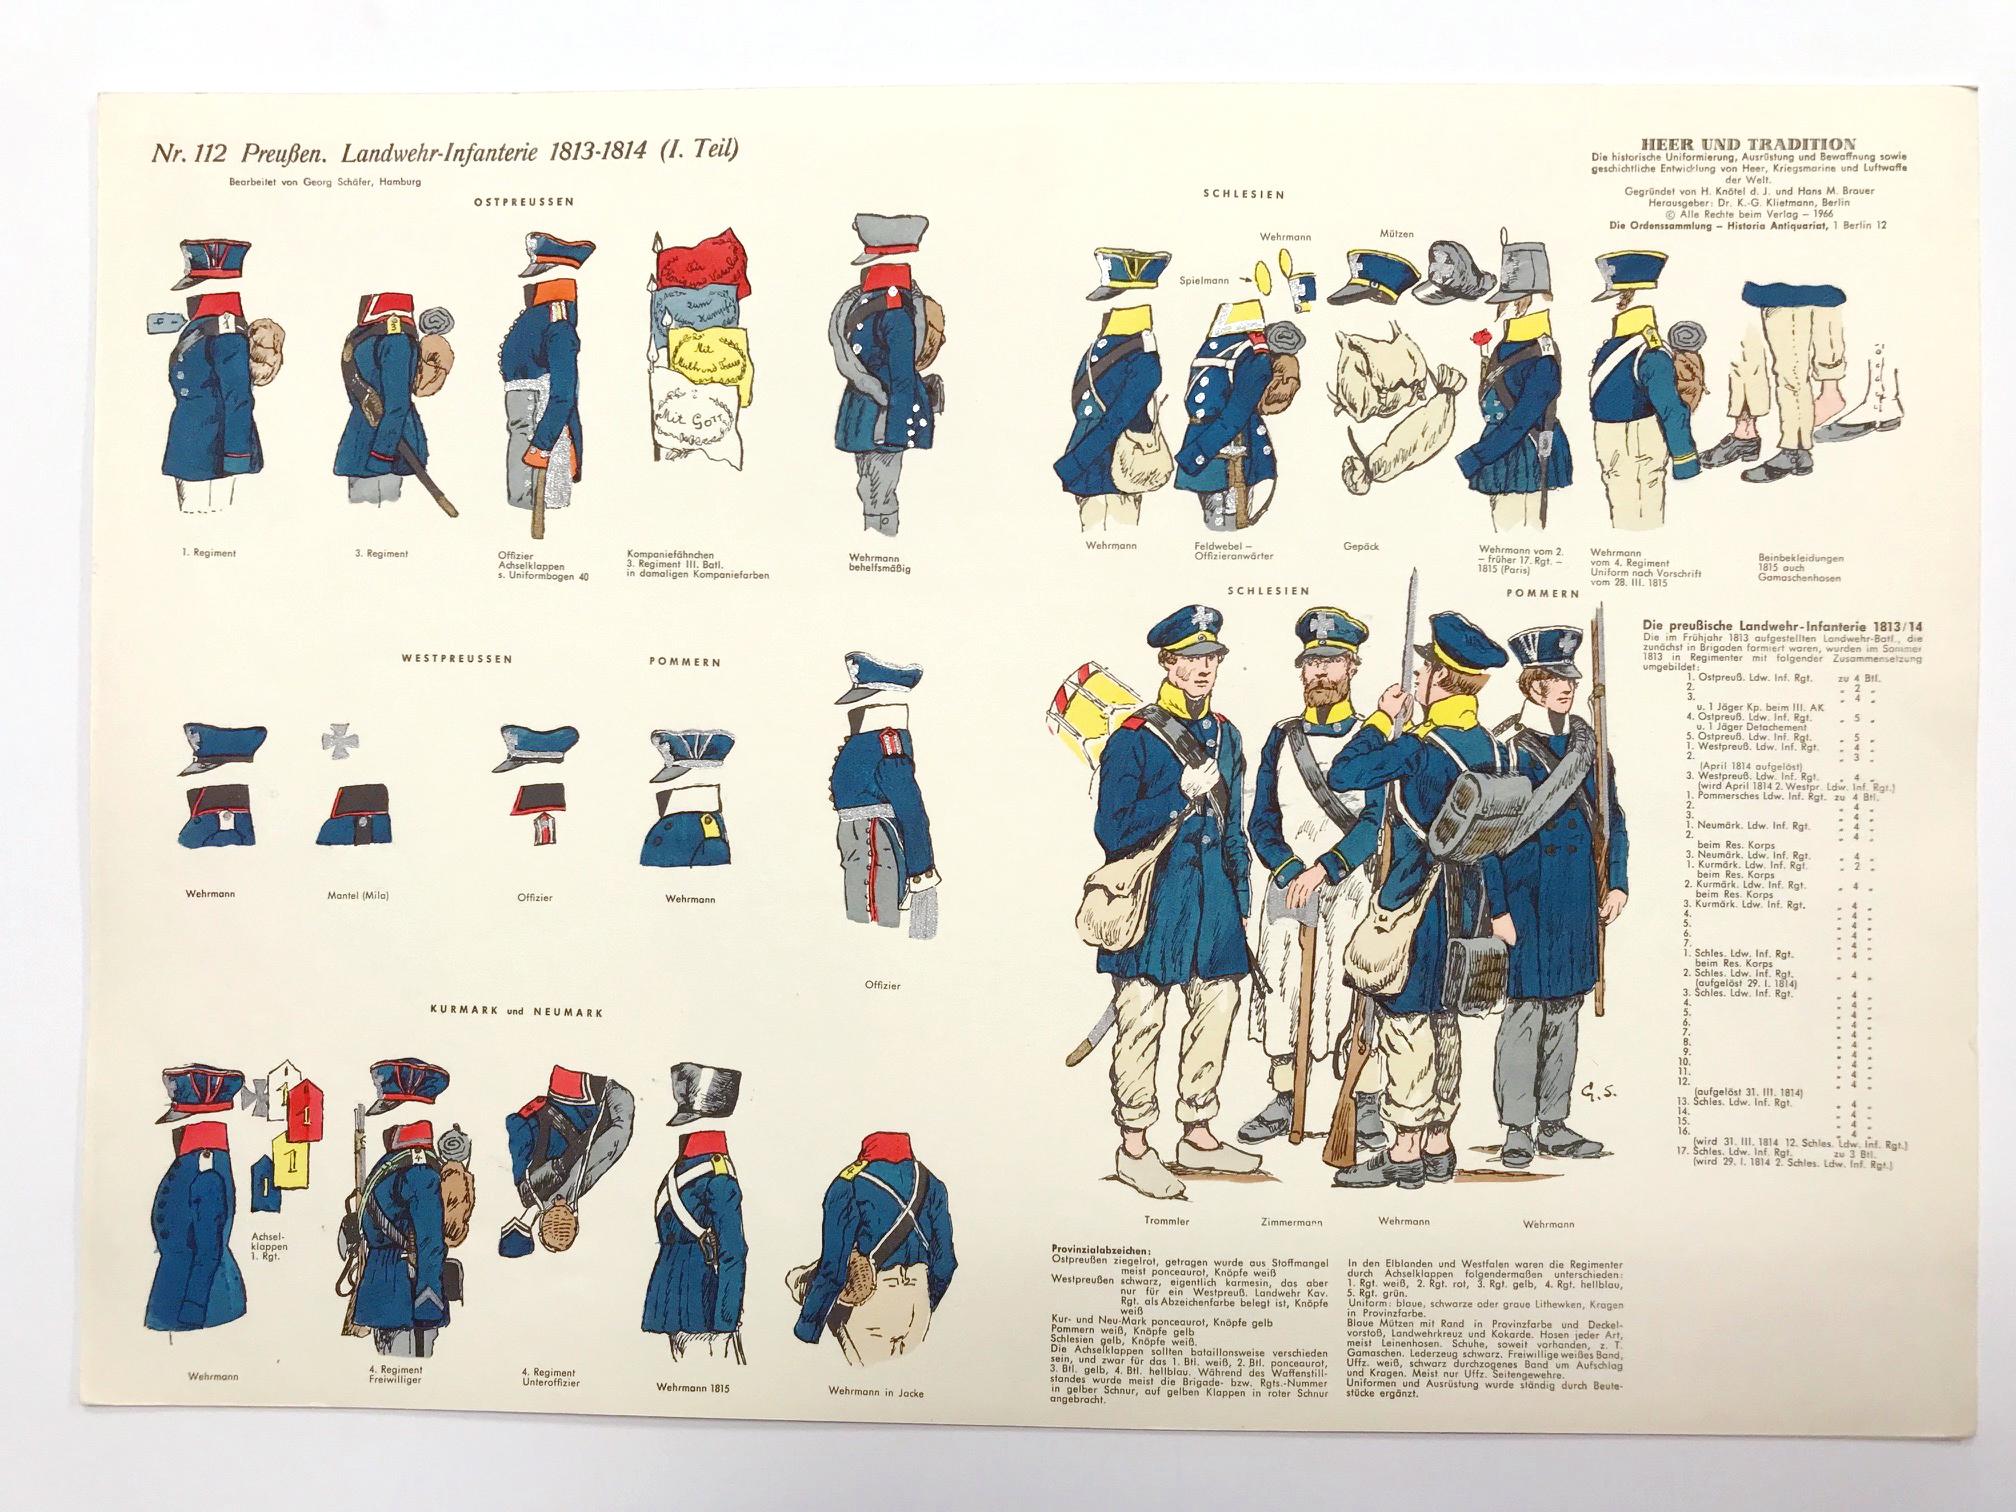 Planche 112- Heer Und Tradition - Hans Bauer - Uniforme - Preussen Landwehr Infanterie - 1813-1814 - Die Historische Uniformierung - 1967